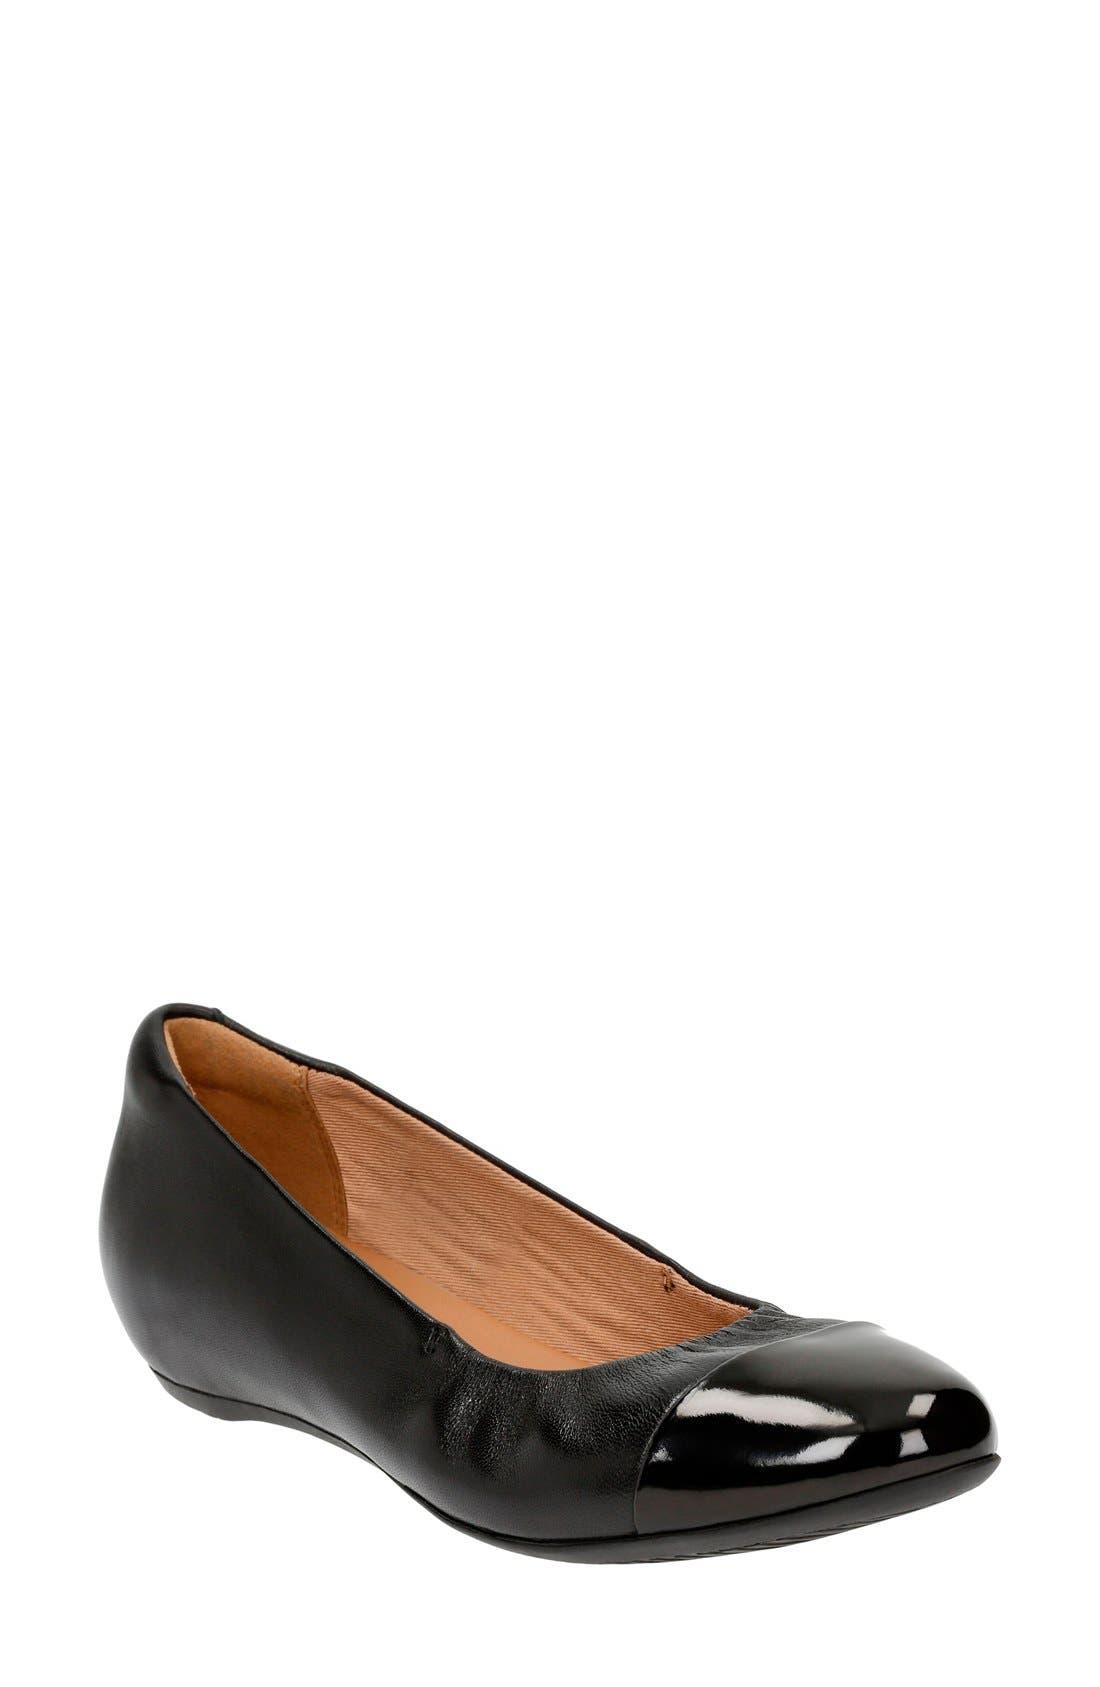 Main Image - Clarks® 'Alitay Susan' Cap Toe Flat (Women)